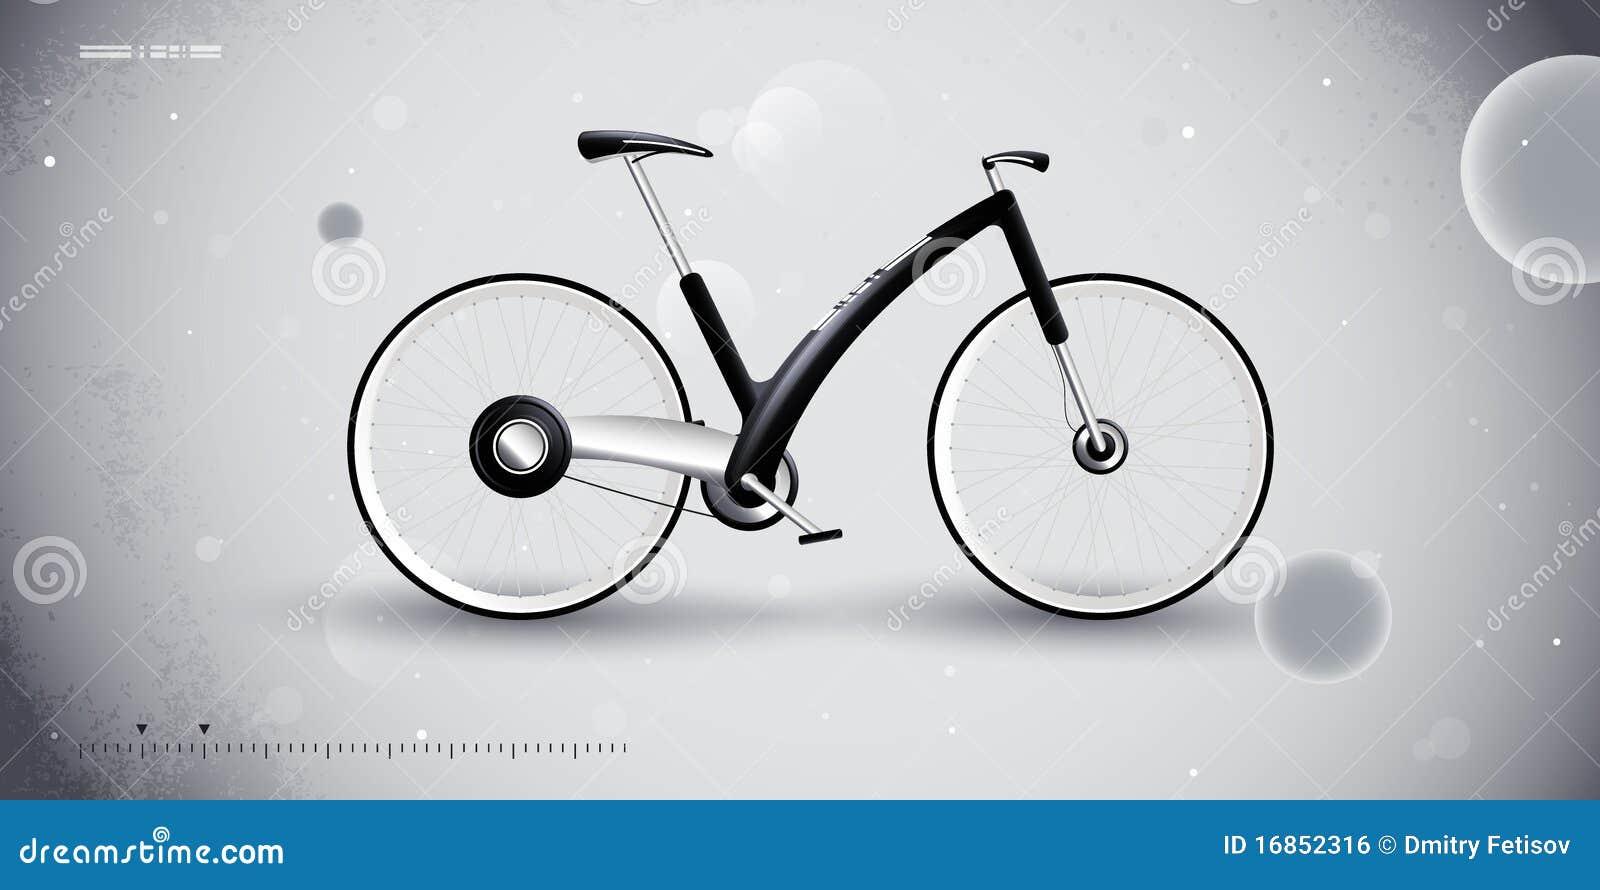 De fiets van het concept voor stedelijk vervoer. product